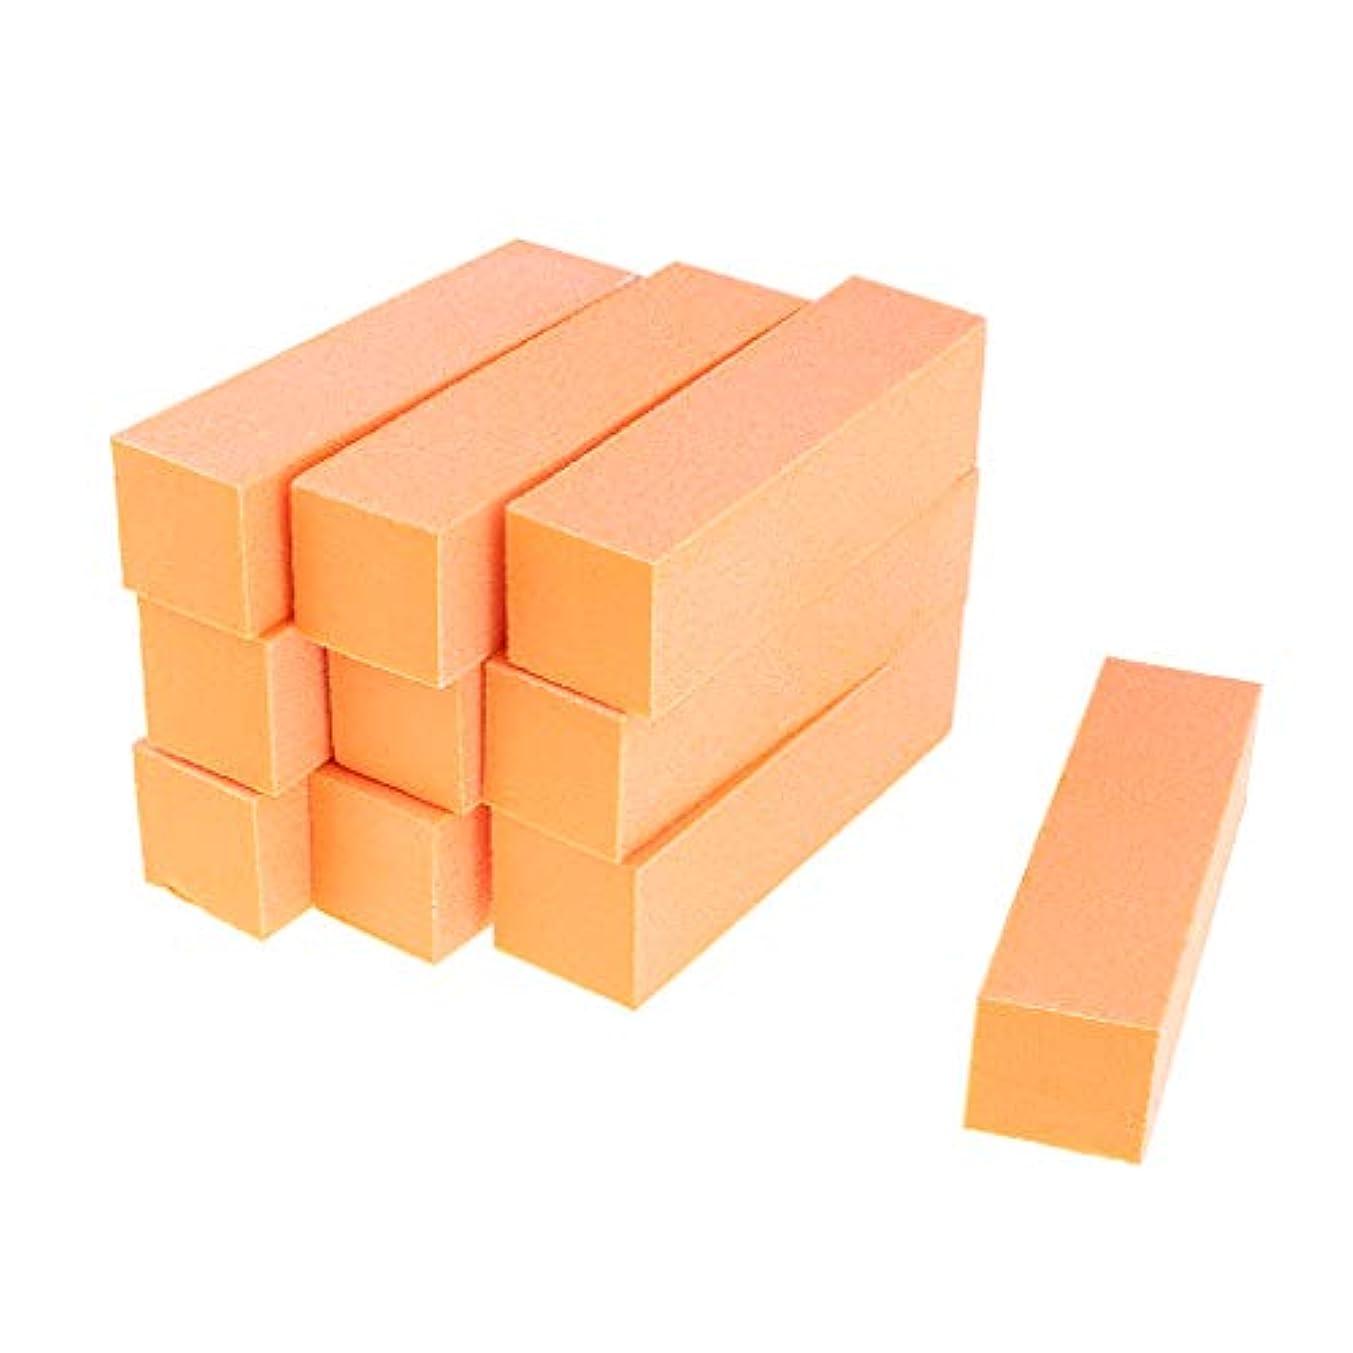 けがをする解き明かす冷えるInjoyo ネイルアート マニキュア ネイルファイル バッファファイルブロック 爪やすり 爪磨き 全5色 - オレンジ